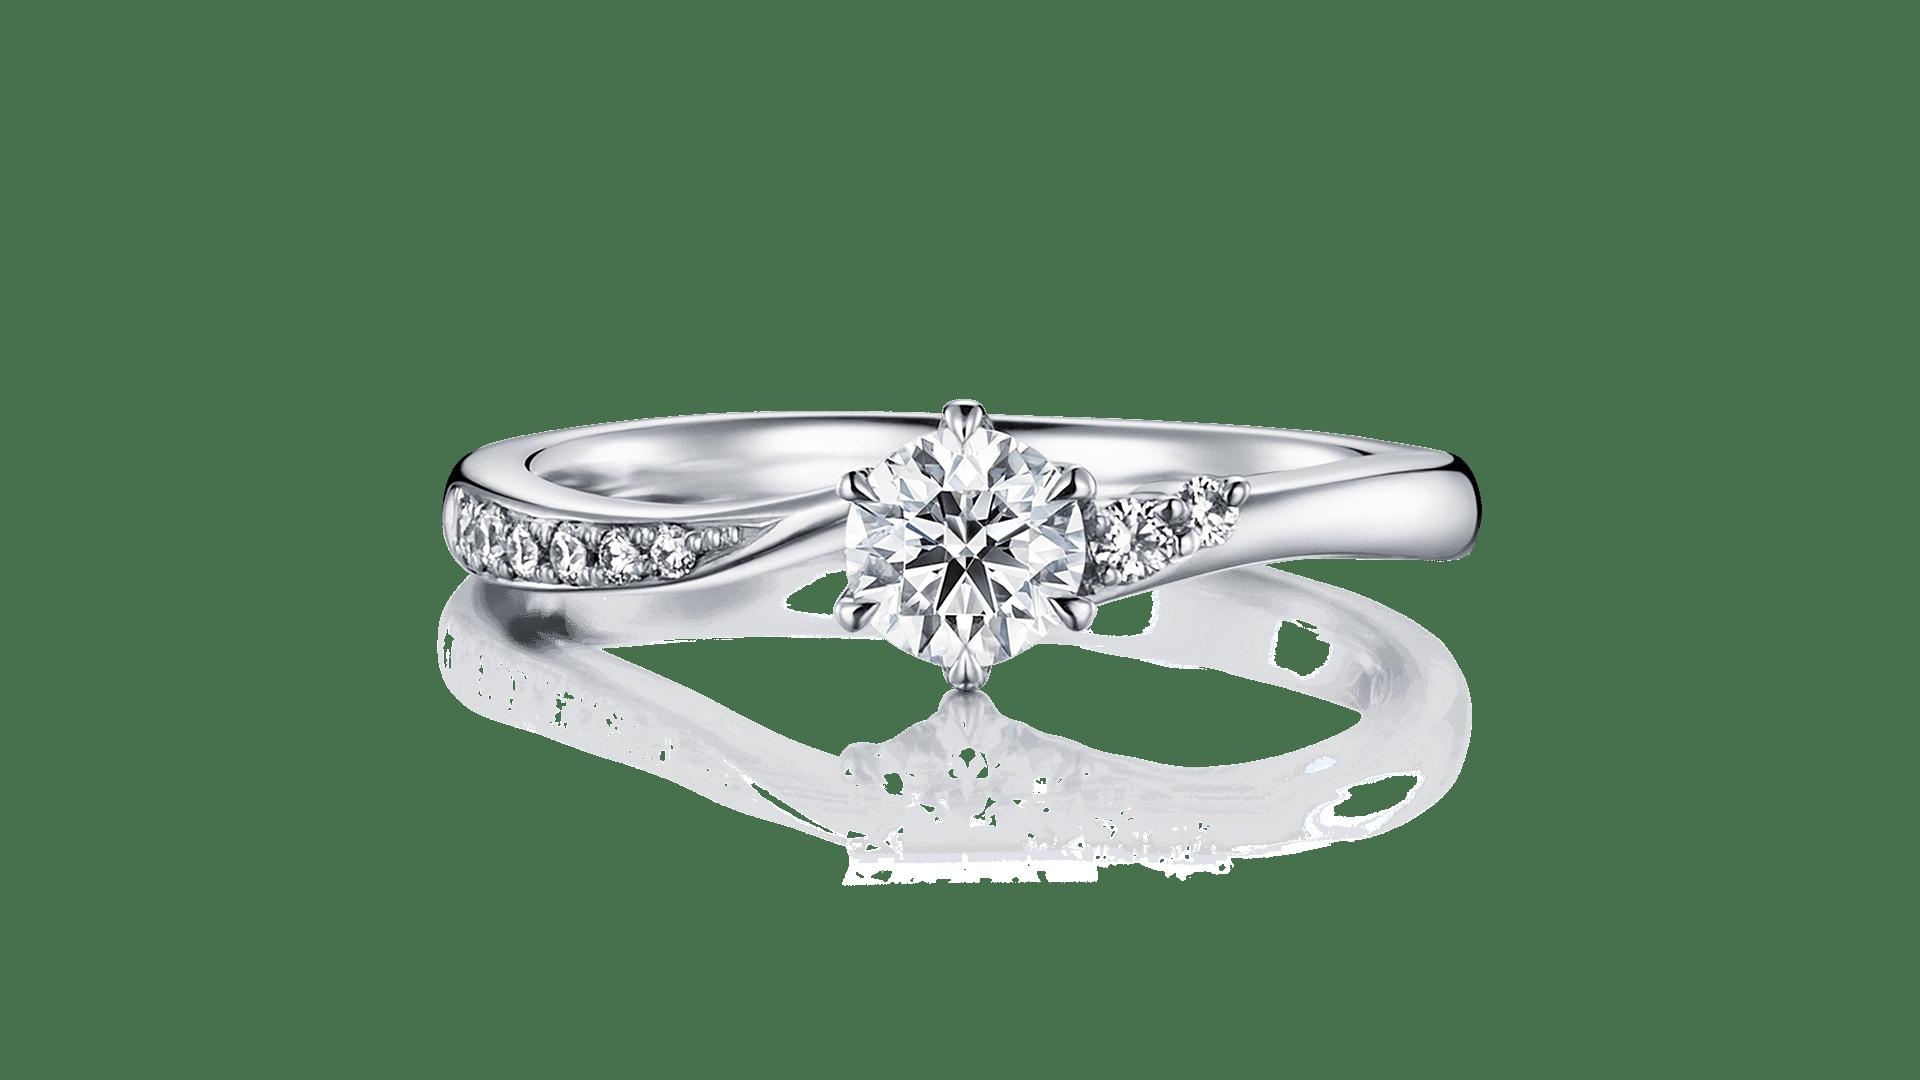 andromeda アンドロメダ | 婚約指輪サムネイル 1